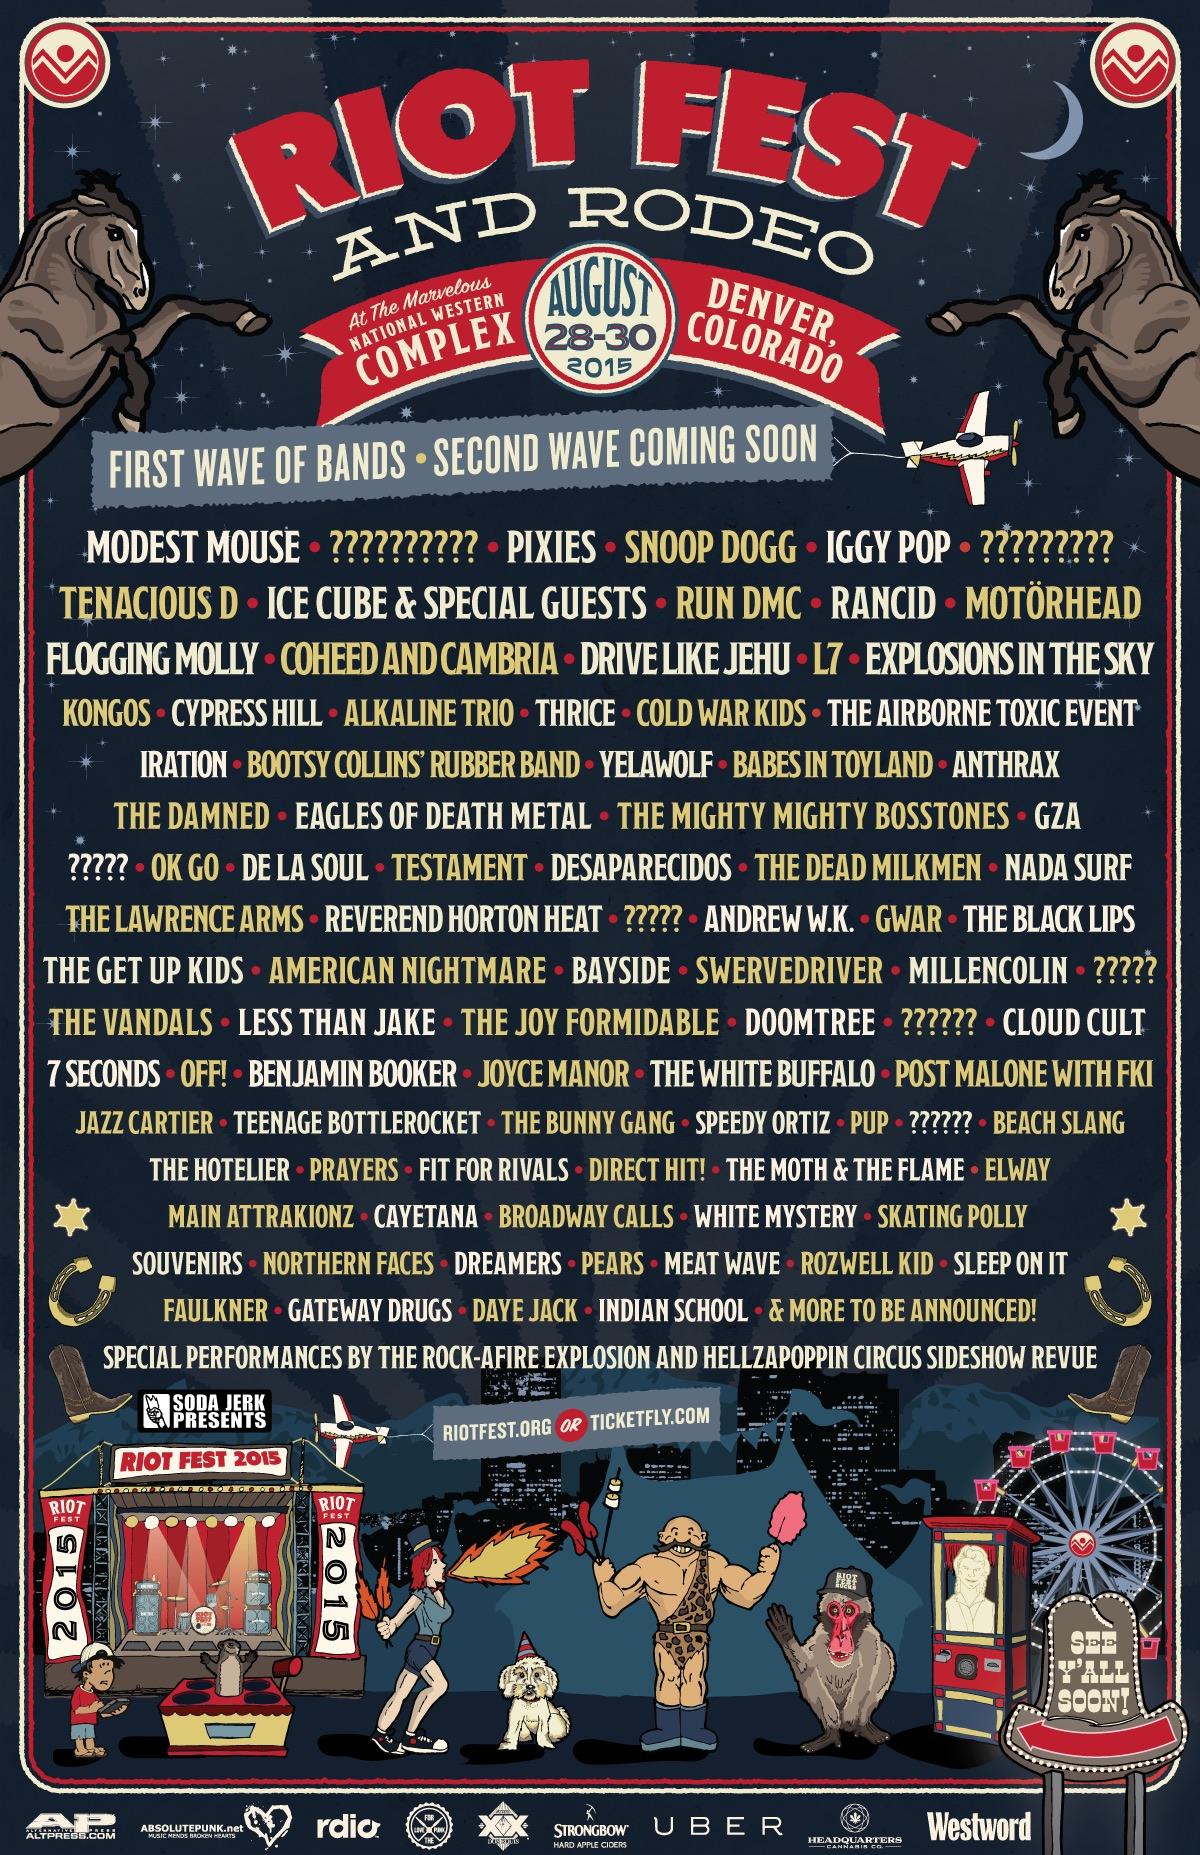 Riot Fest 2015 - Denver